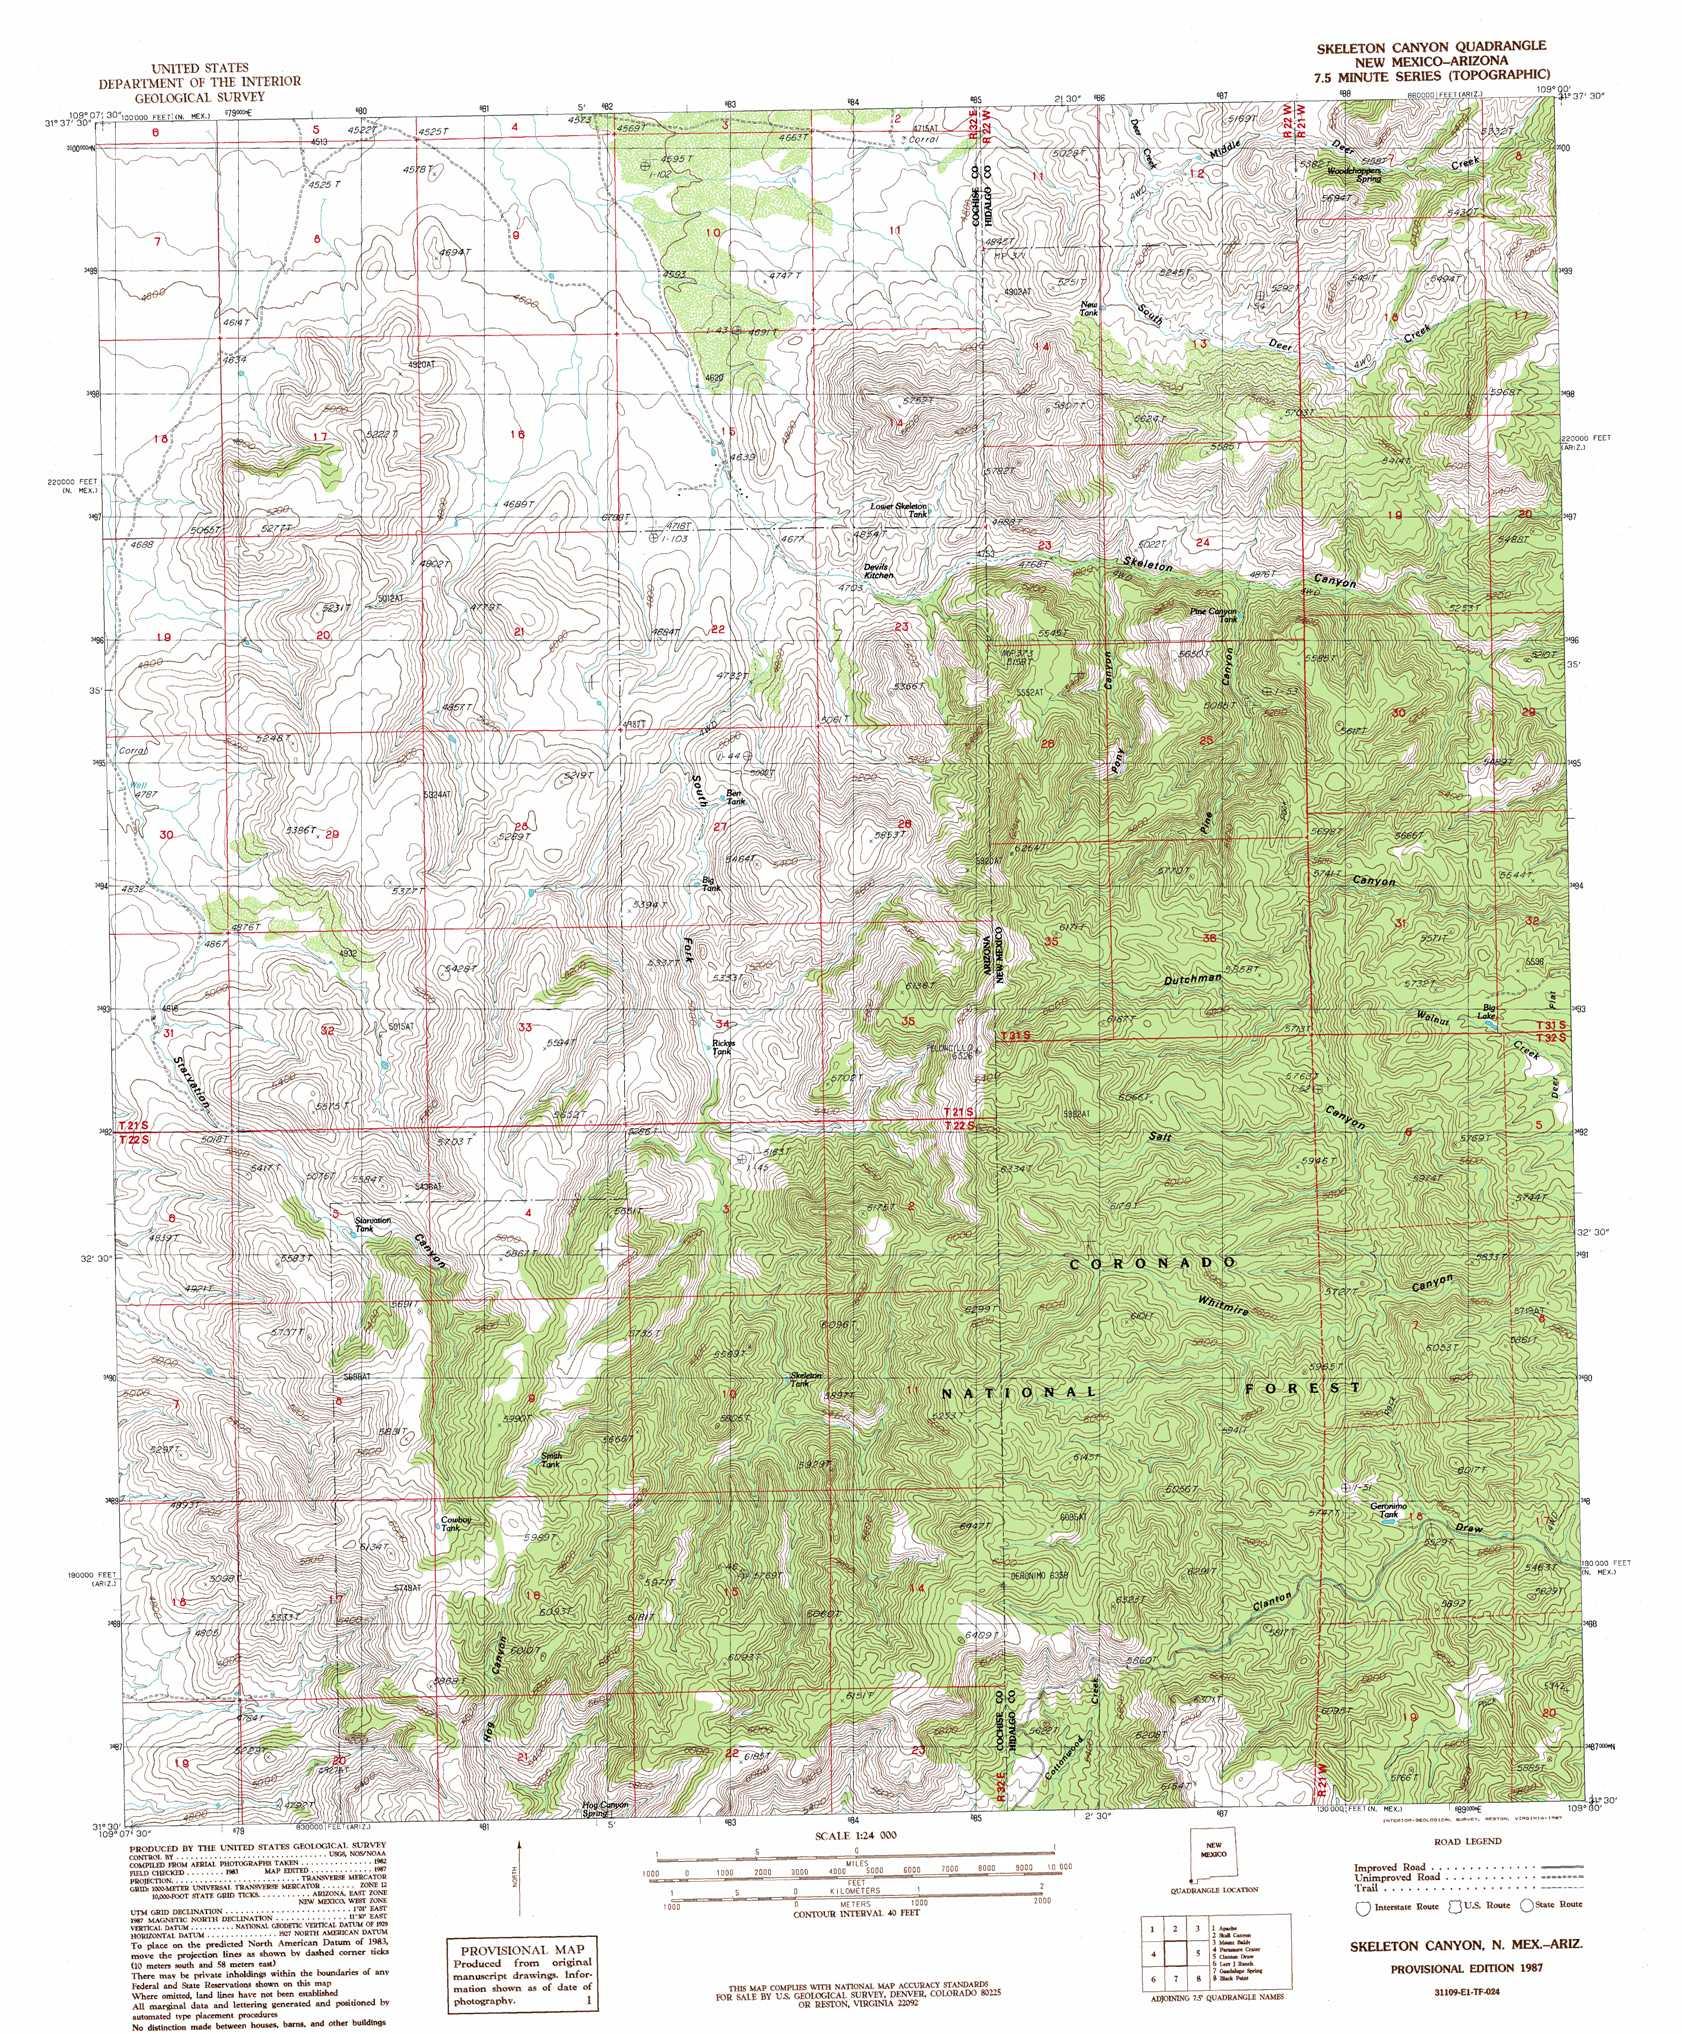 Skeleton Canyon topographic map AZ NM USGS Topo Quad 31109e1